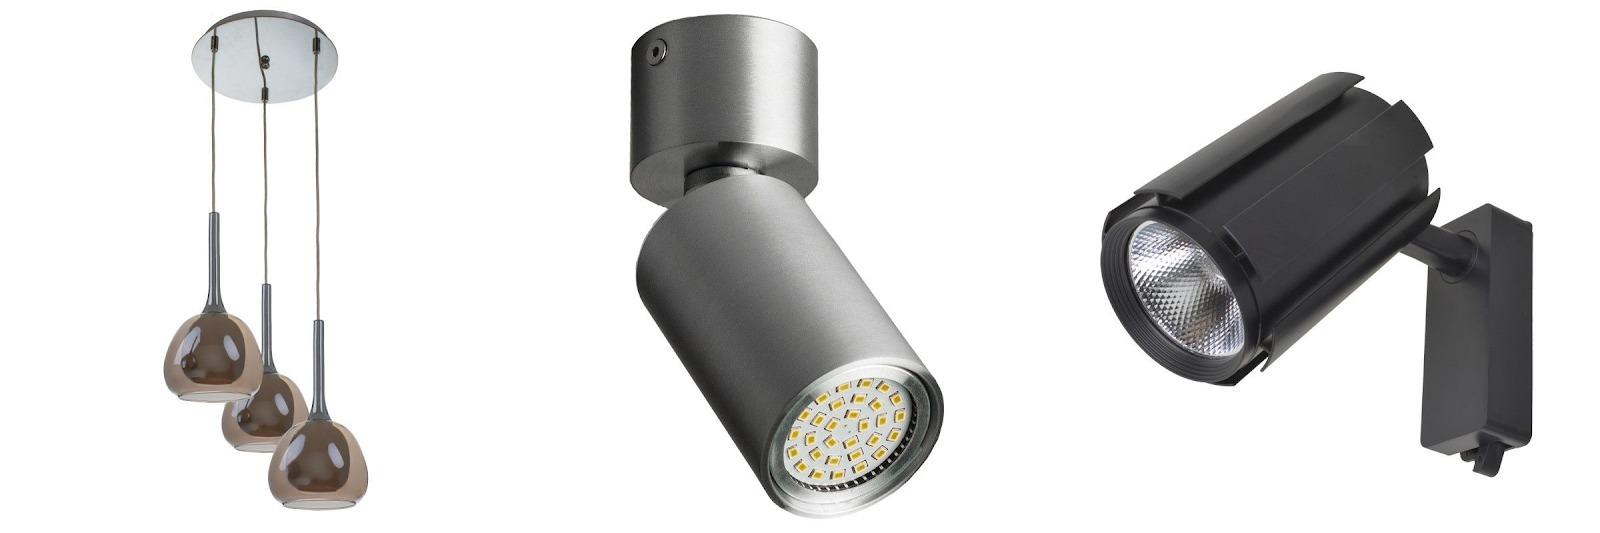 Ассортимент люстр и светильников в магазинах Brille